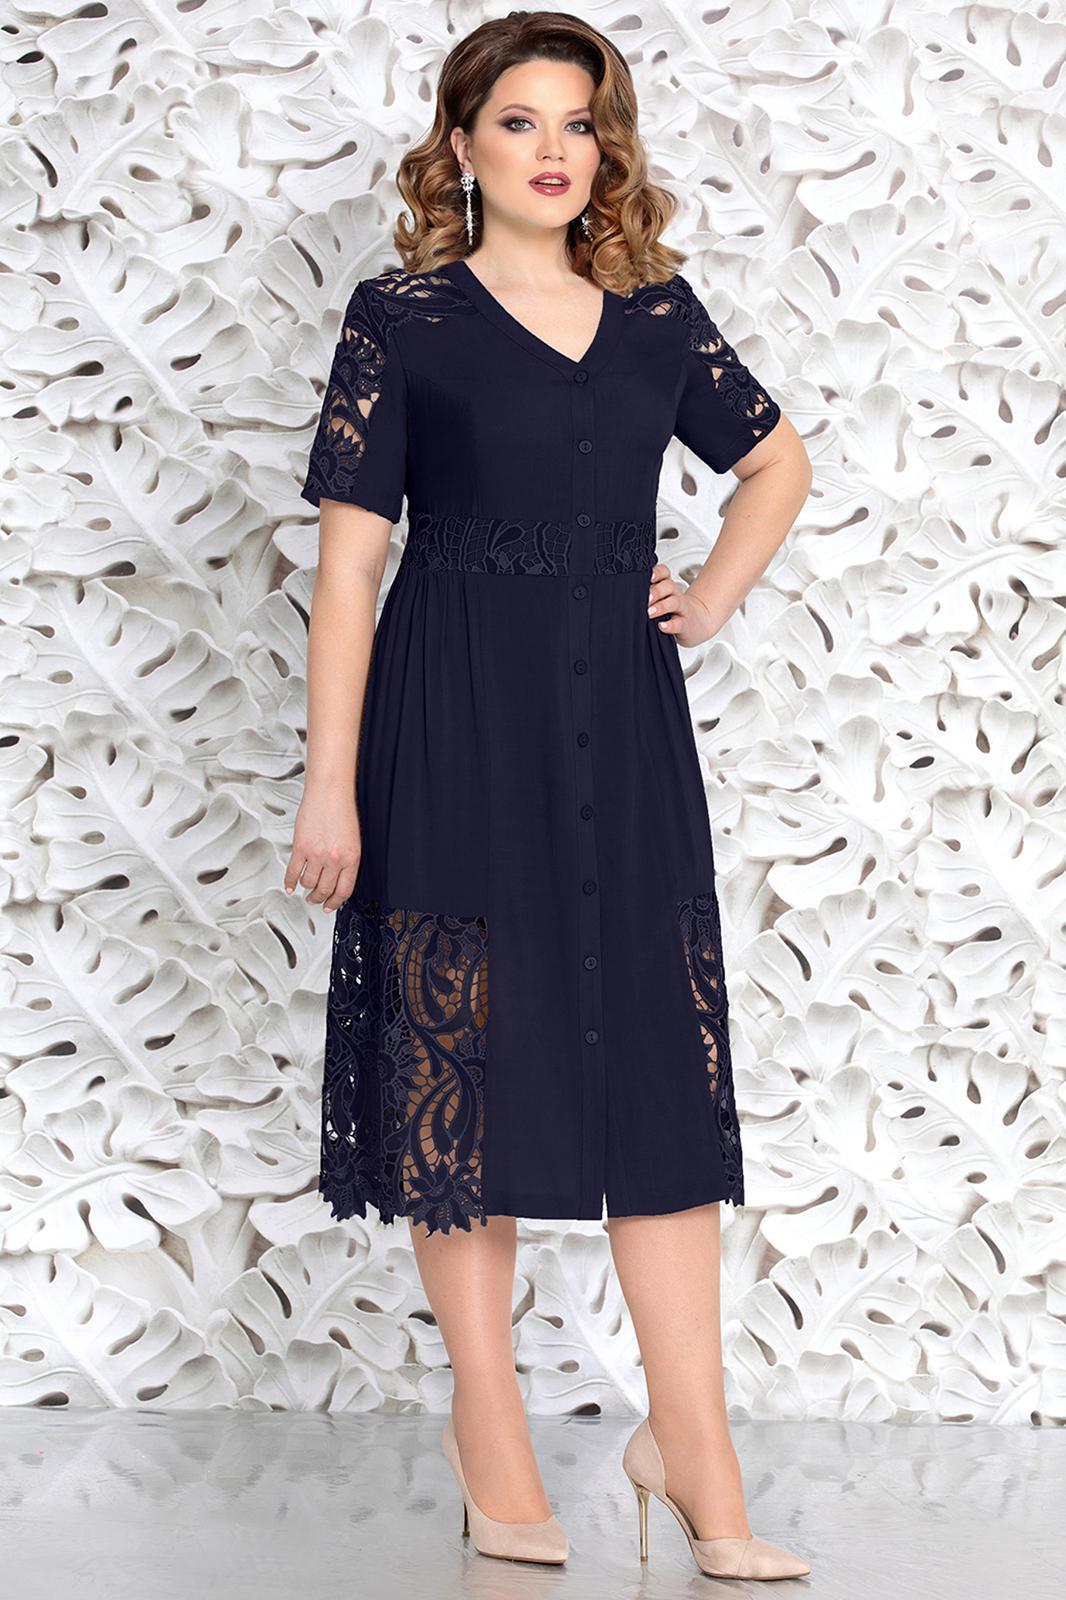 b3878f54146 Купить платье в интернет-магазине в Минске. Белорусские женские платья